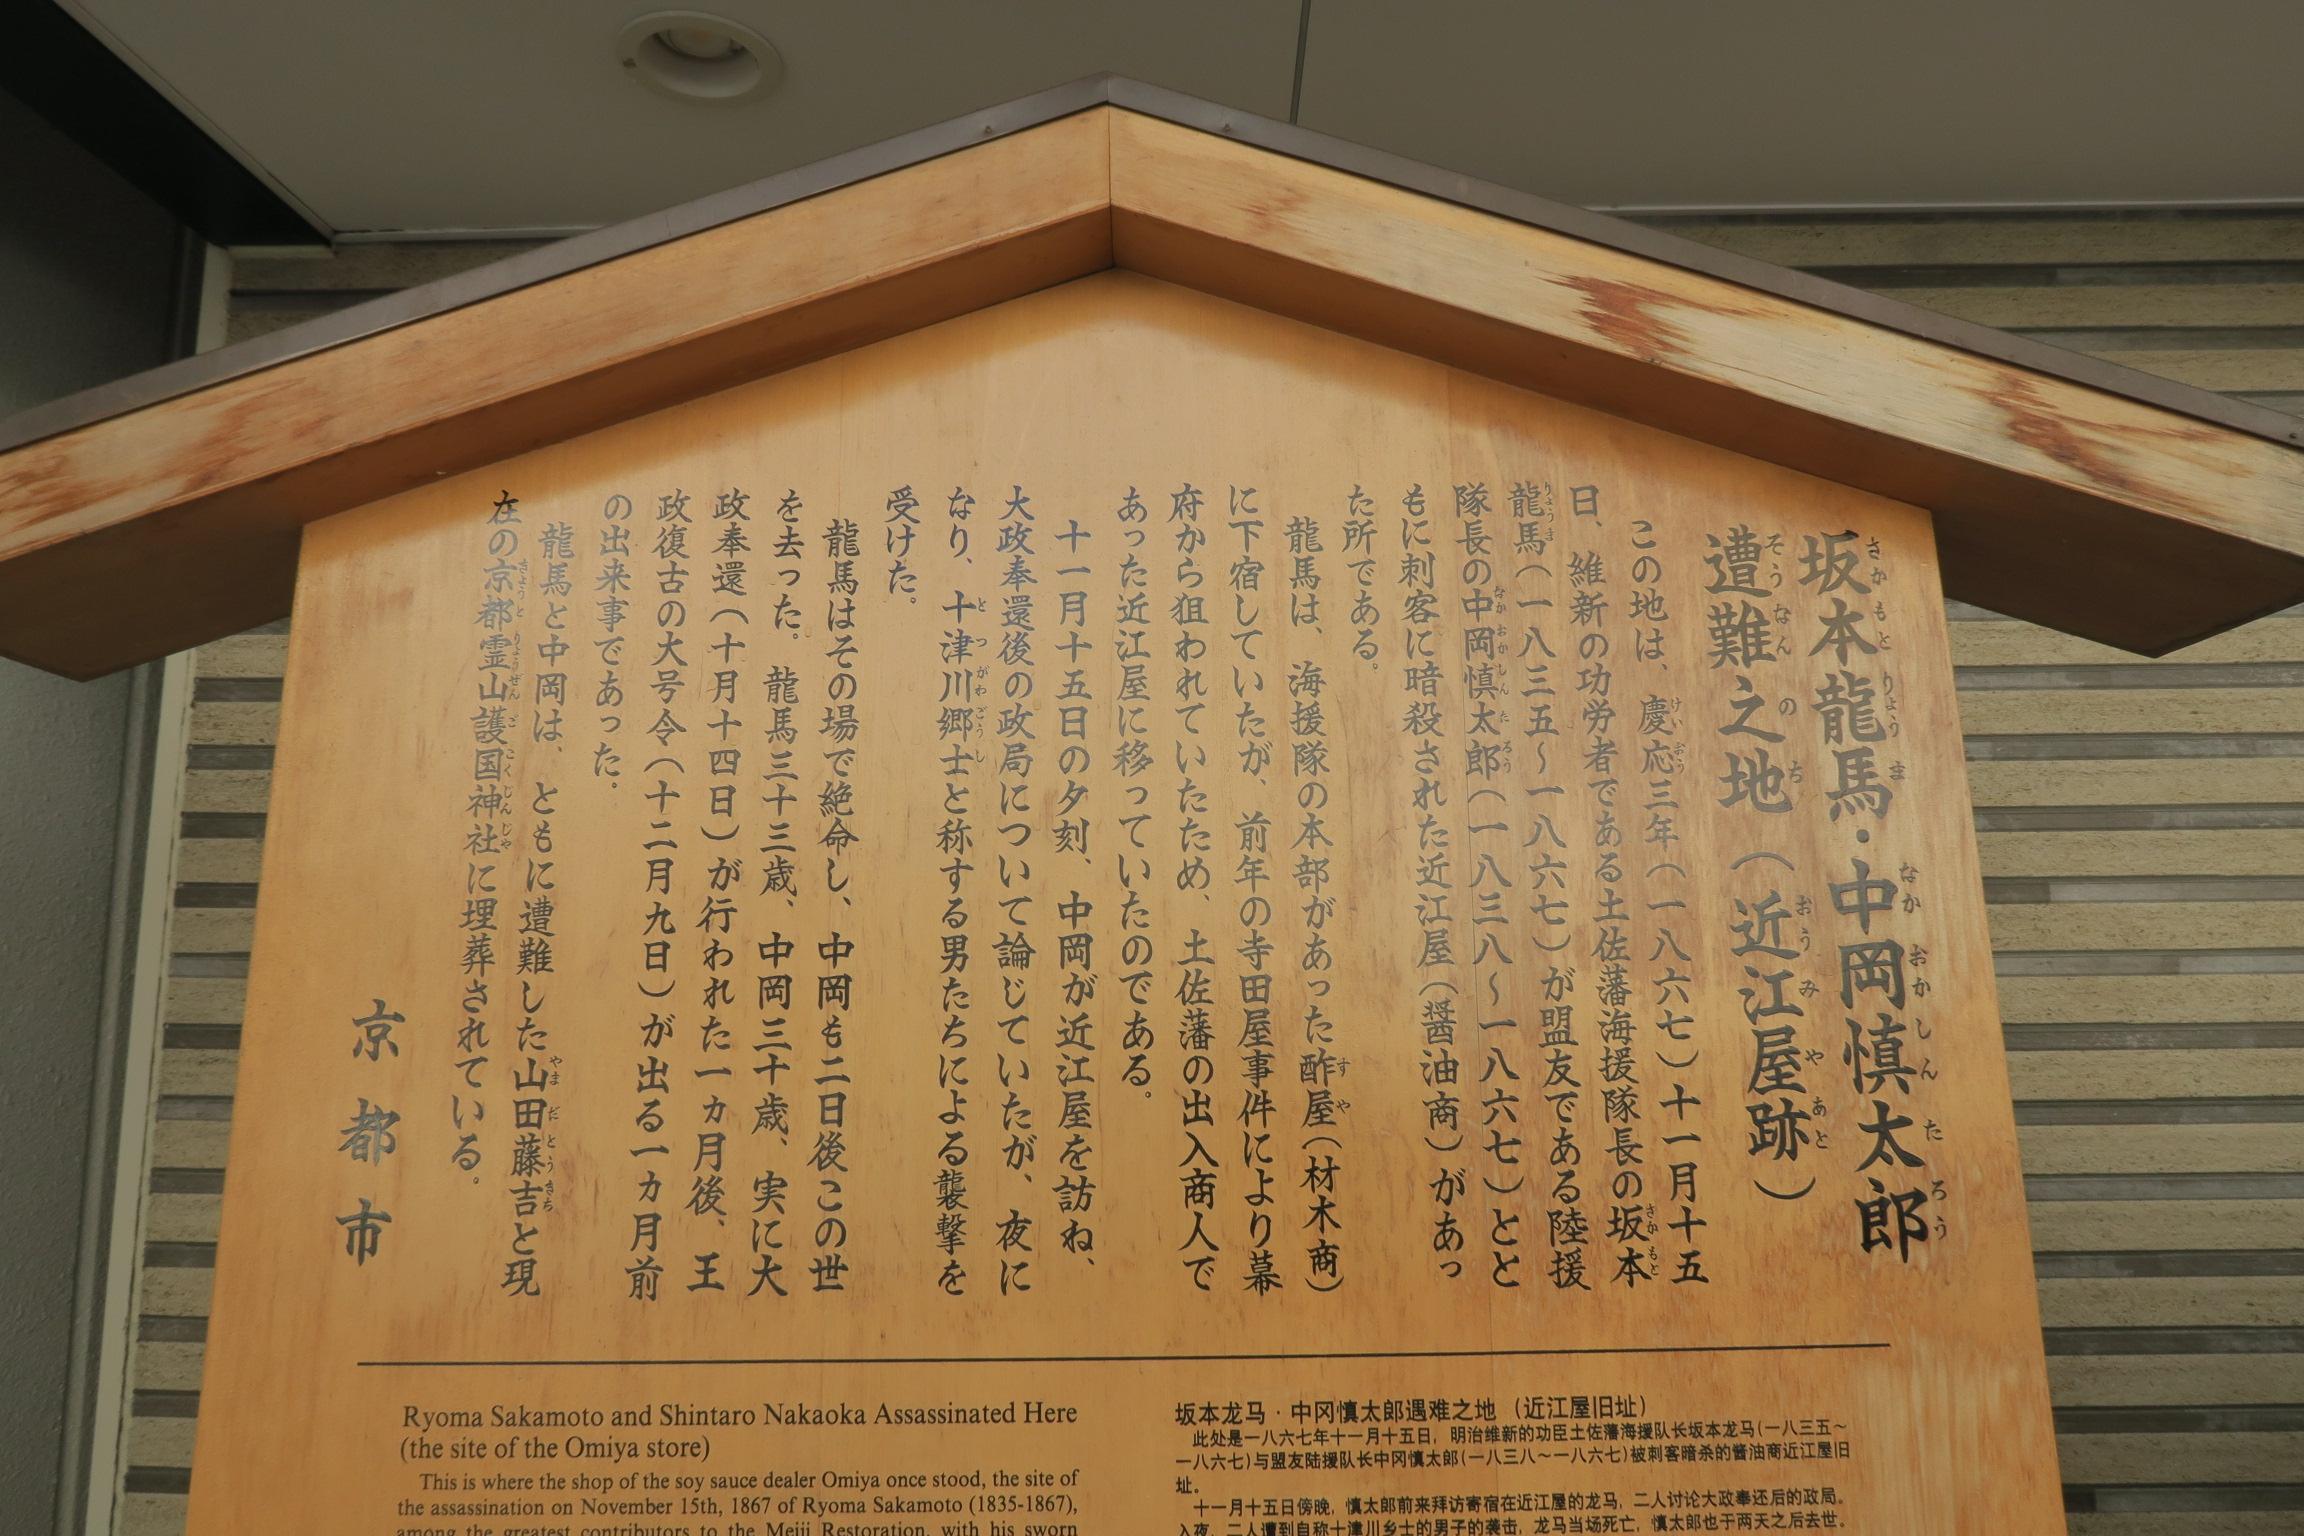 坂本龍馬が刺客に暗殺された近江屋があった所です。享年、龍馬33歳、中岡30歳。